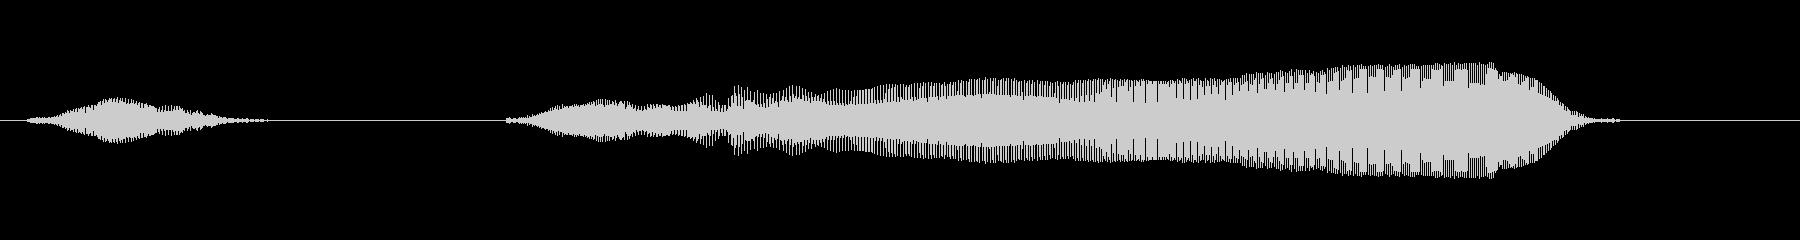 いっくよー!(Type-A)の未再生の波形